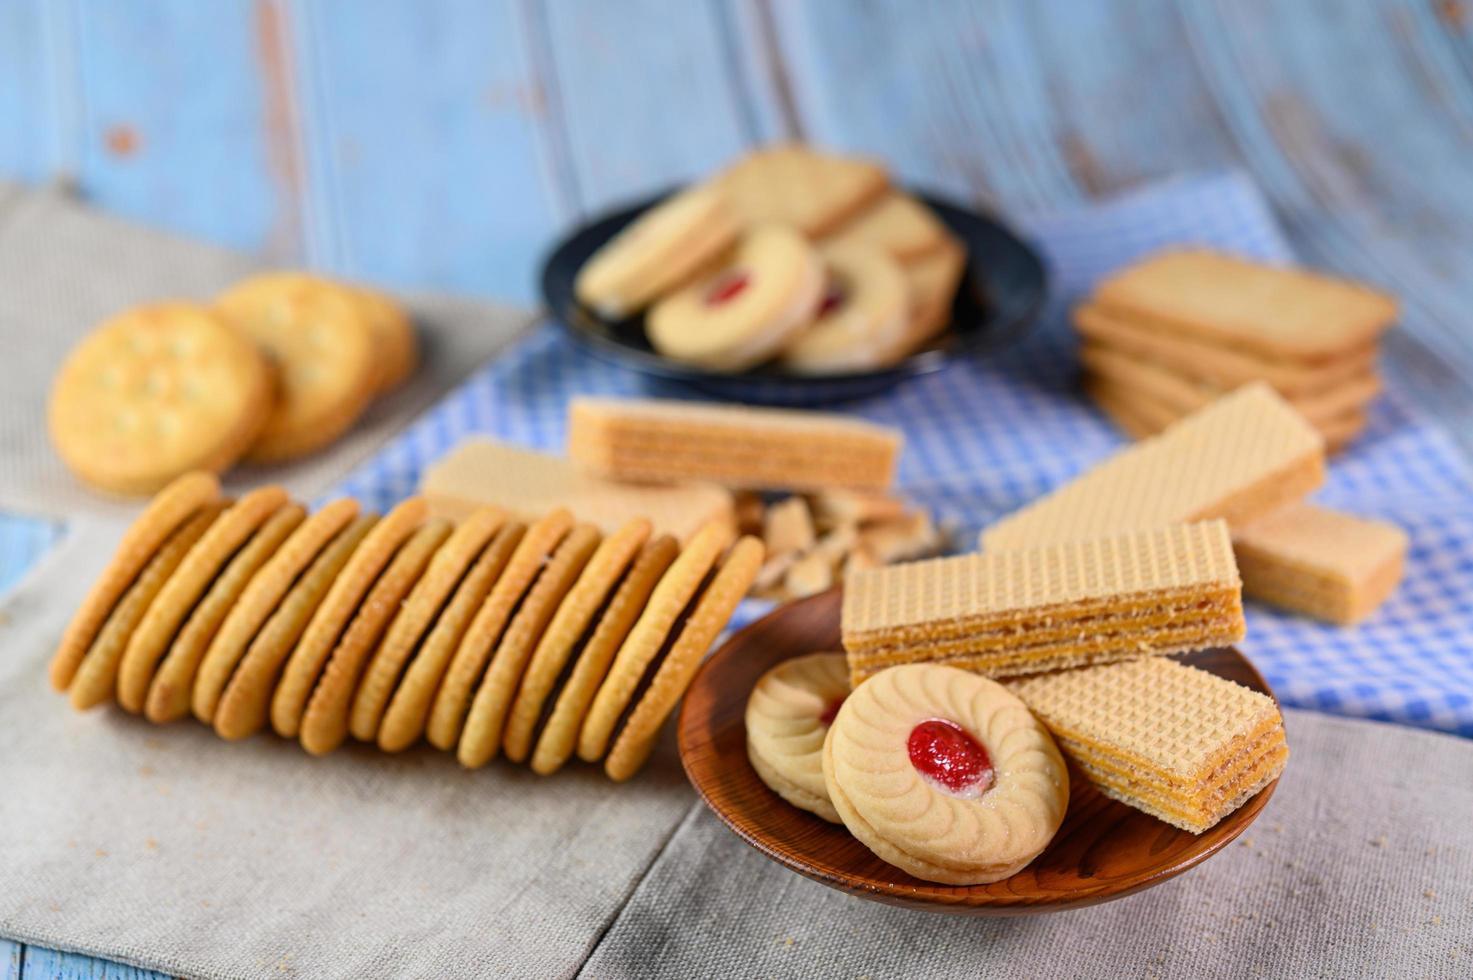 biscuits et craquelins photo